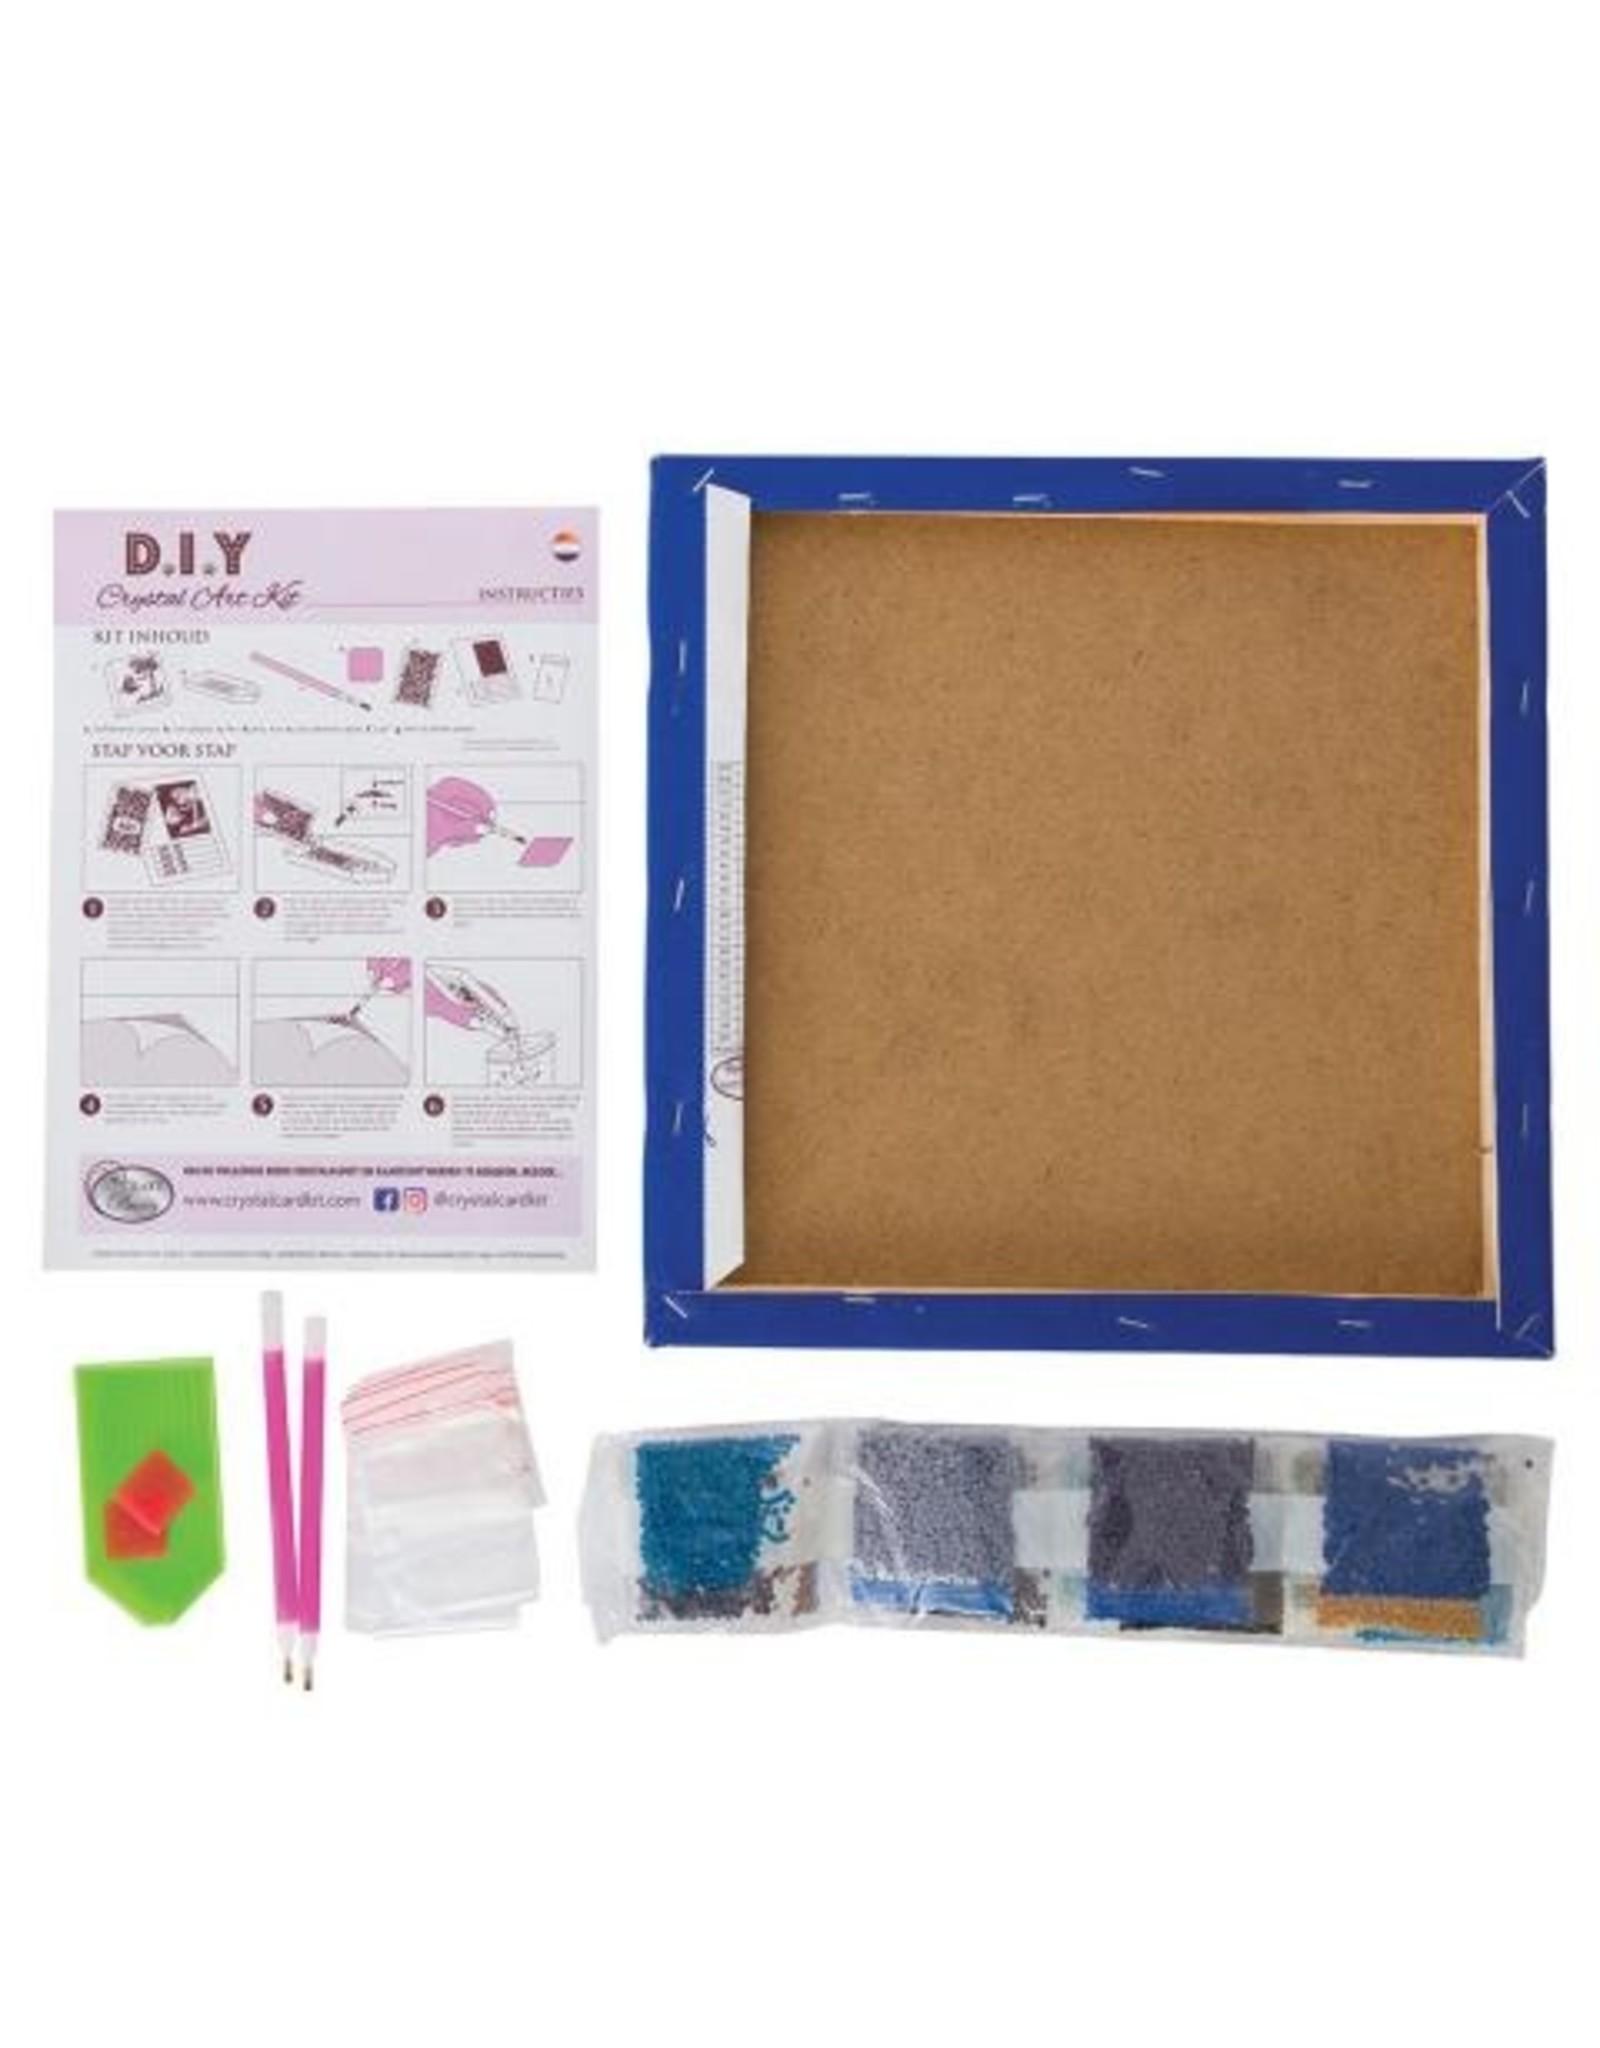 D.I.Y Crystal Art Kit Crystal Art Medium Framed Kit - Blue Violet Butterflies